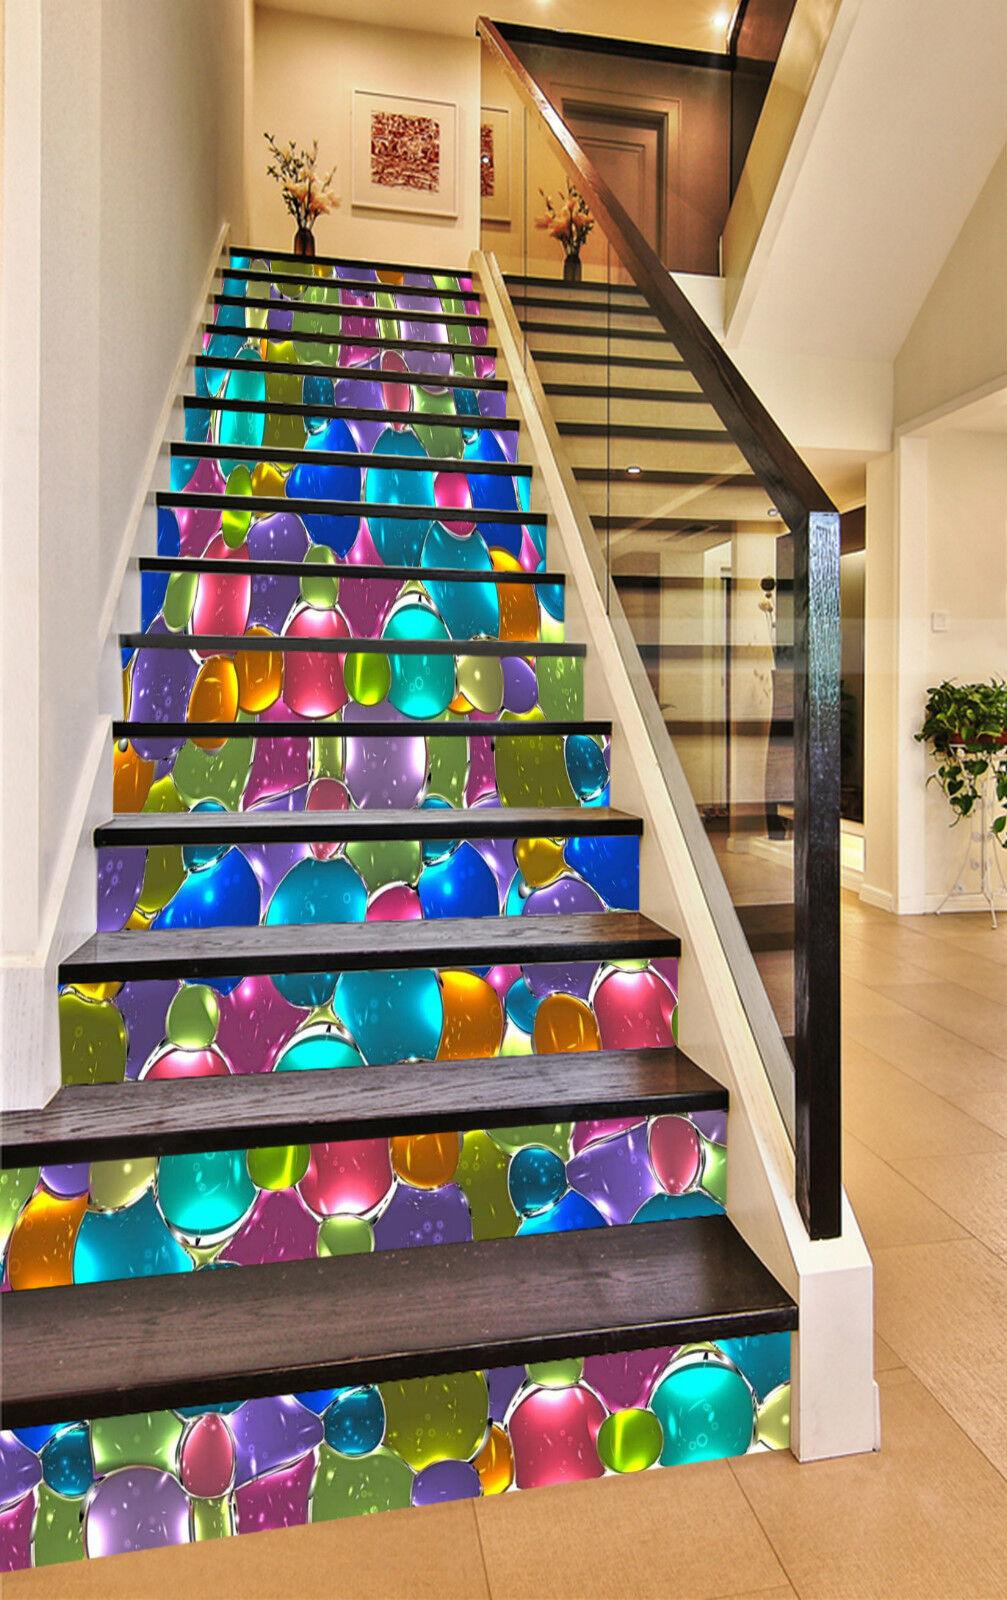 3D Farbe Kristall 4 Stair Risers Dekoration Fototapete Vinyl Aufkleber Tapete DE